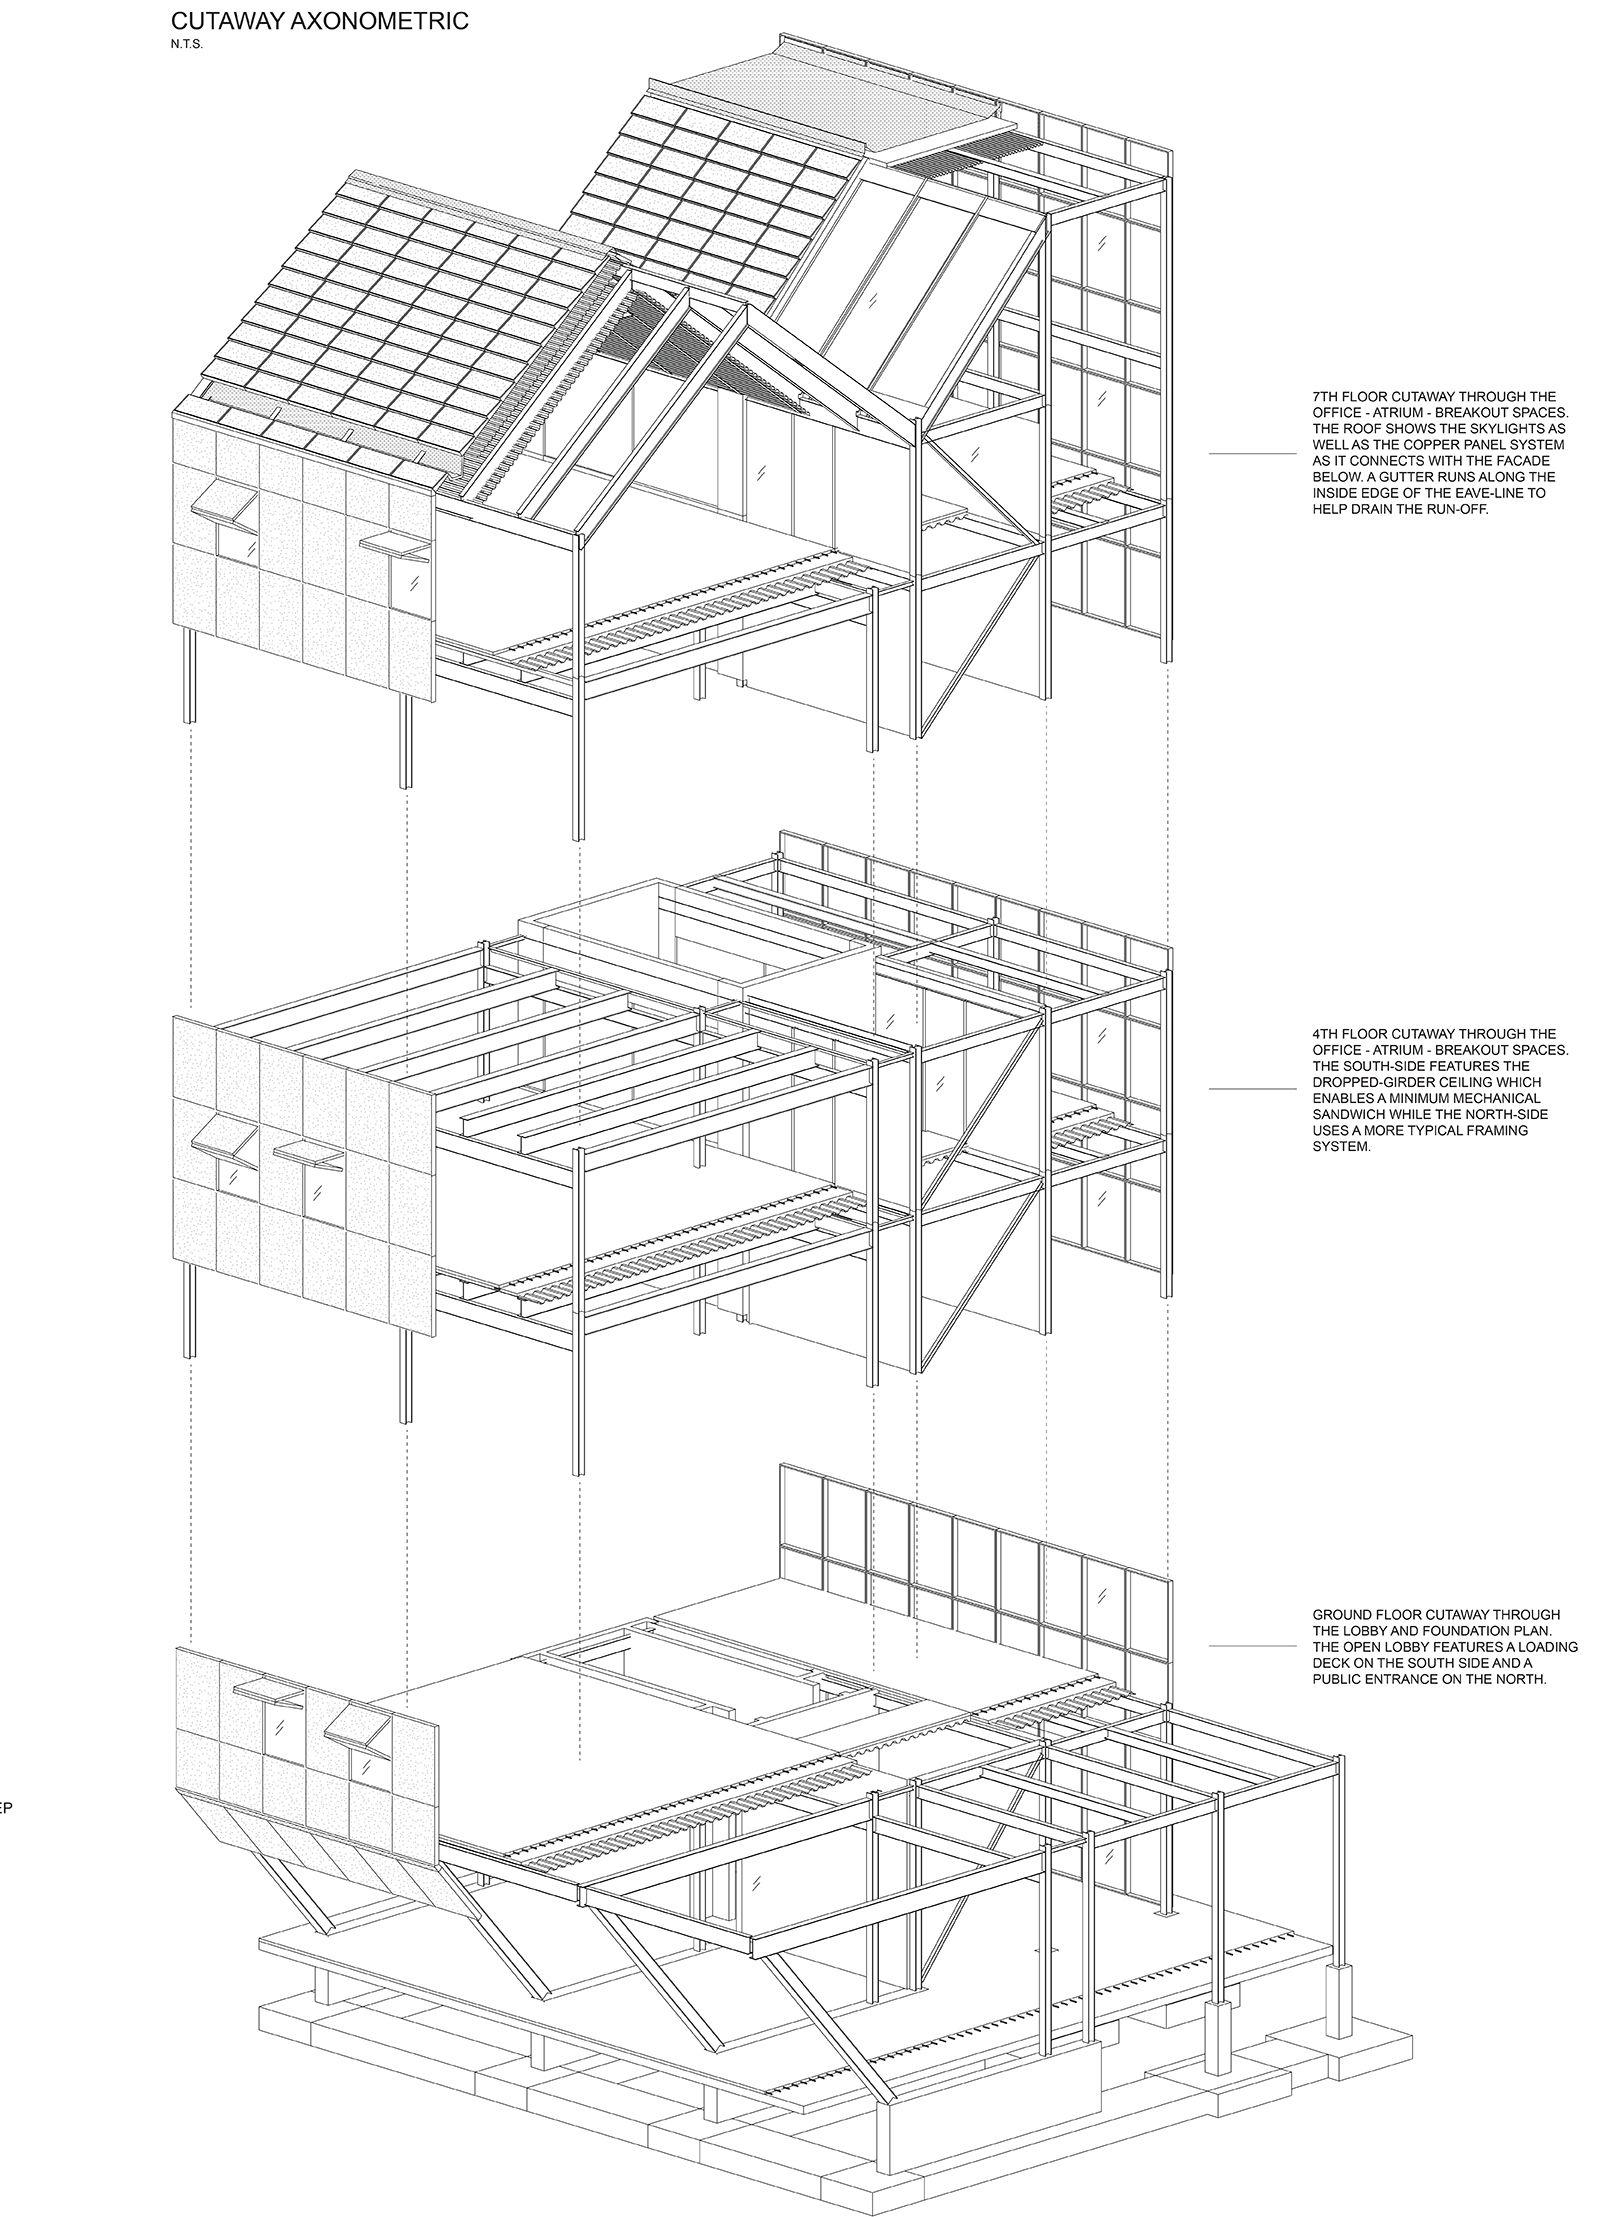 Архітектурні технології 5: Columbia Анотація | DETAILS | Pinterest ...